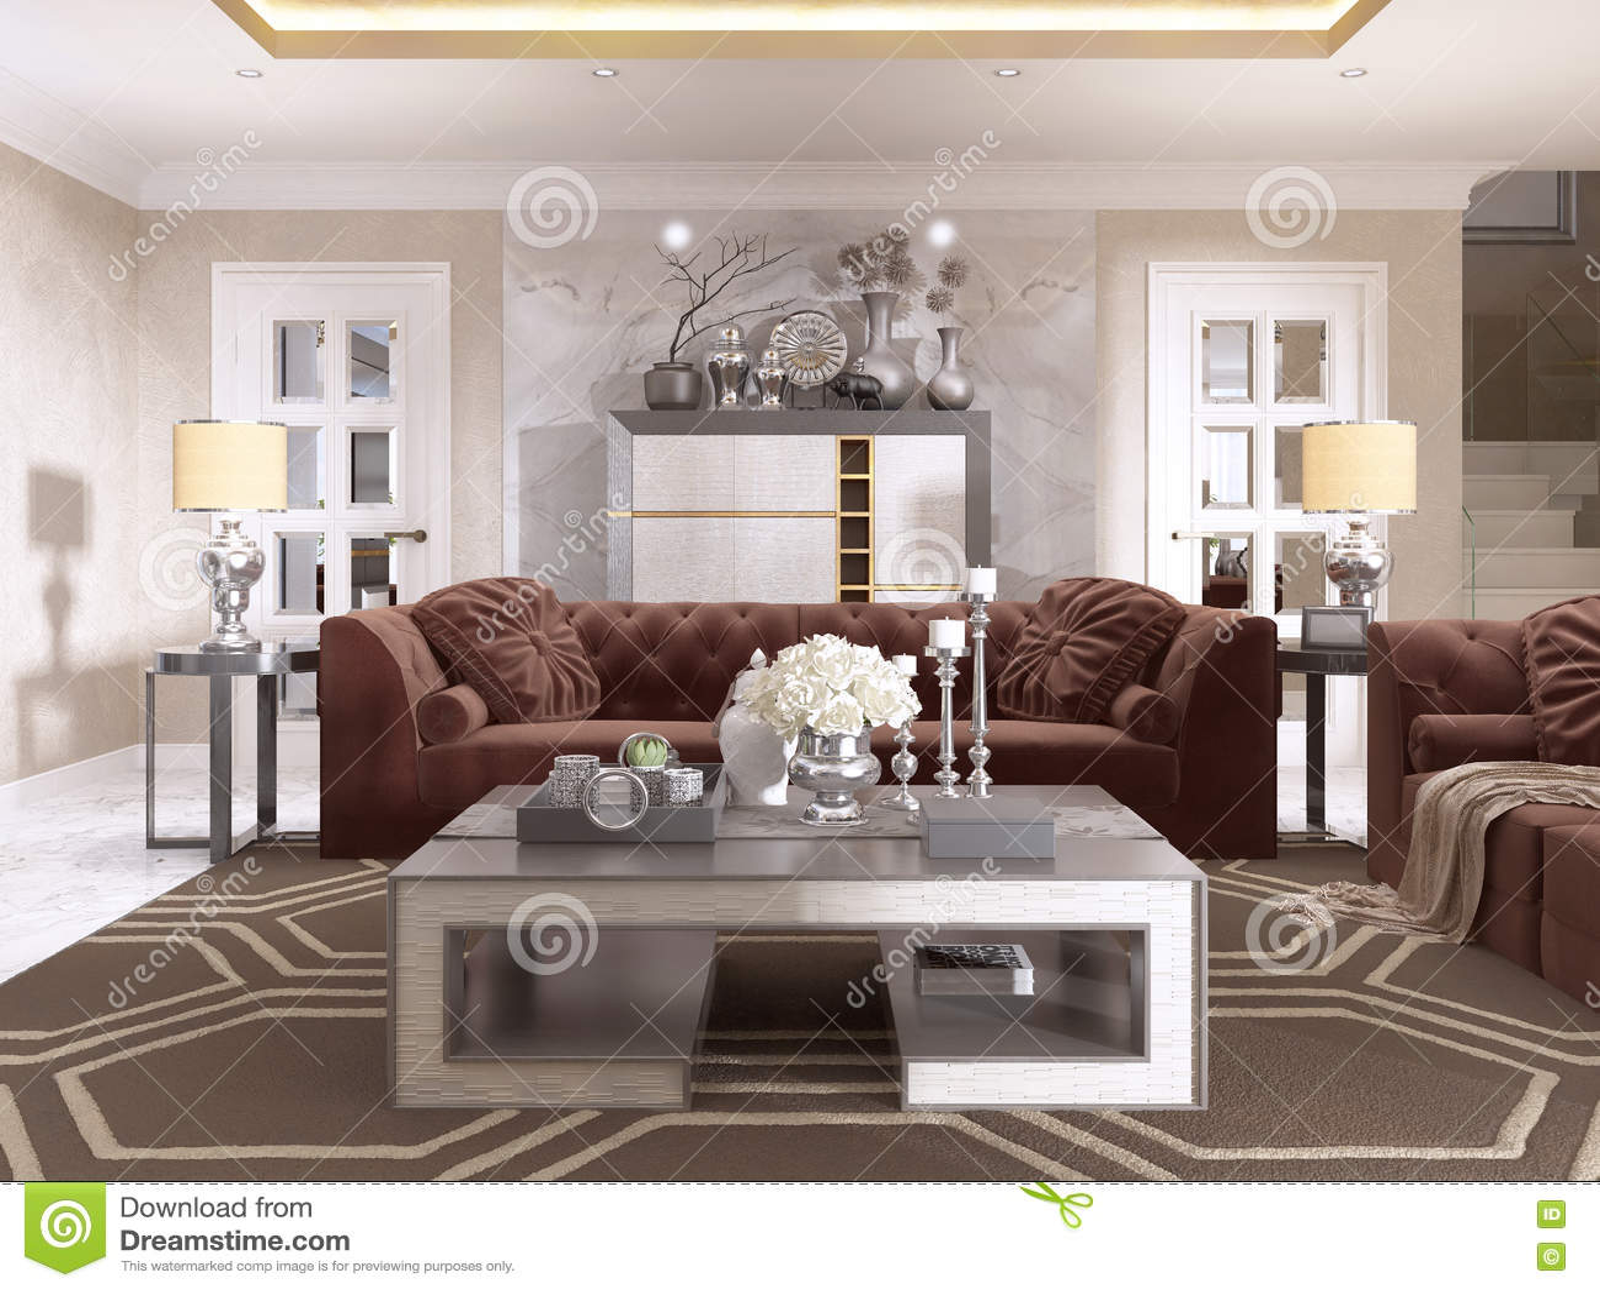 Wohnzimmer In Art Deco Art Mit Gepolstertem Designer ...